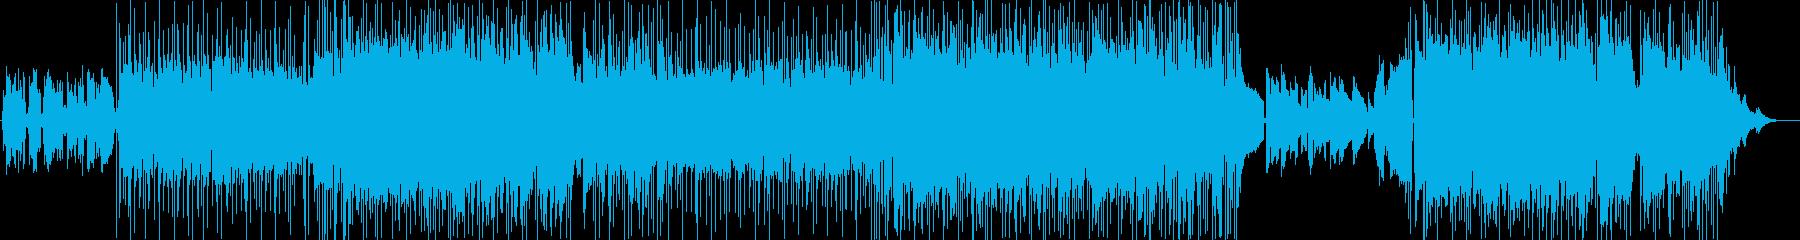 オーロラを見る旅に出た二人の物語の再生済みの波形